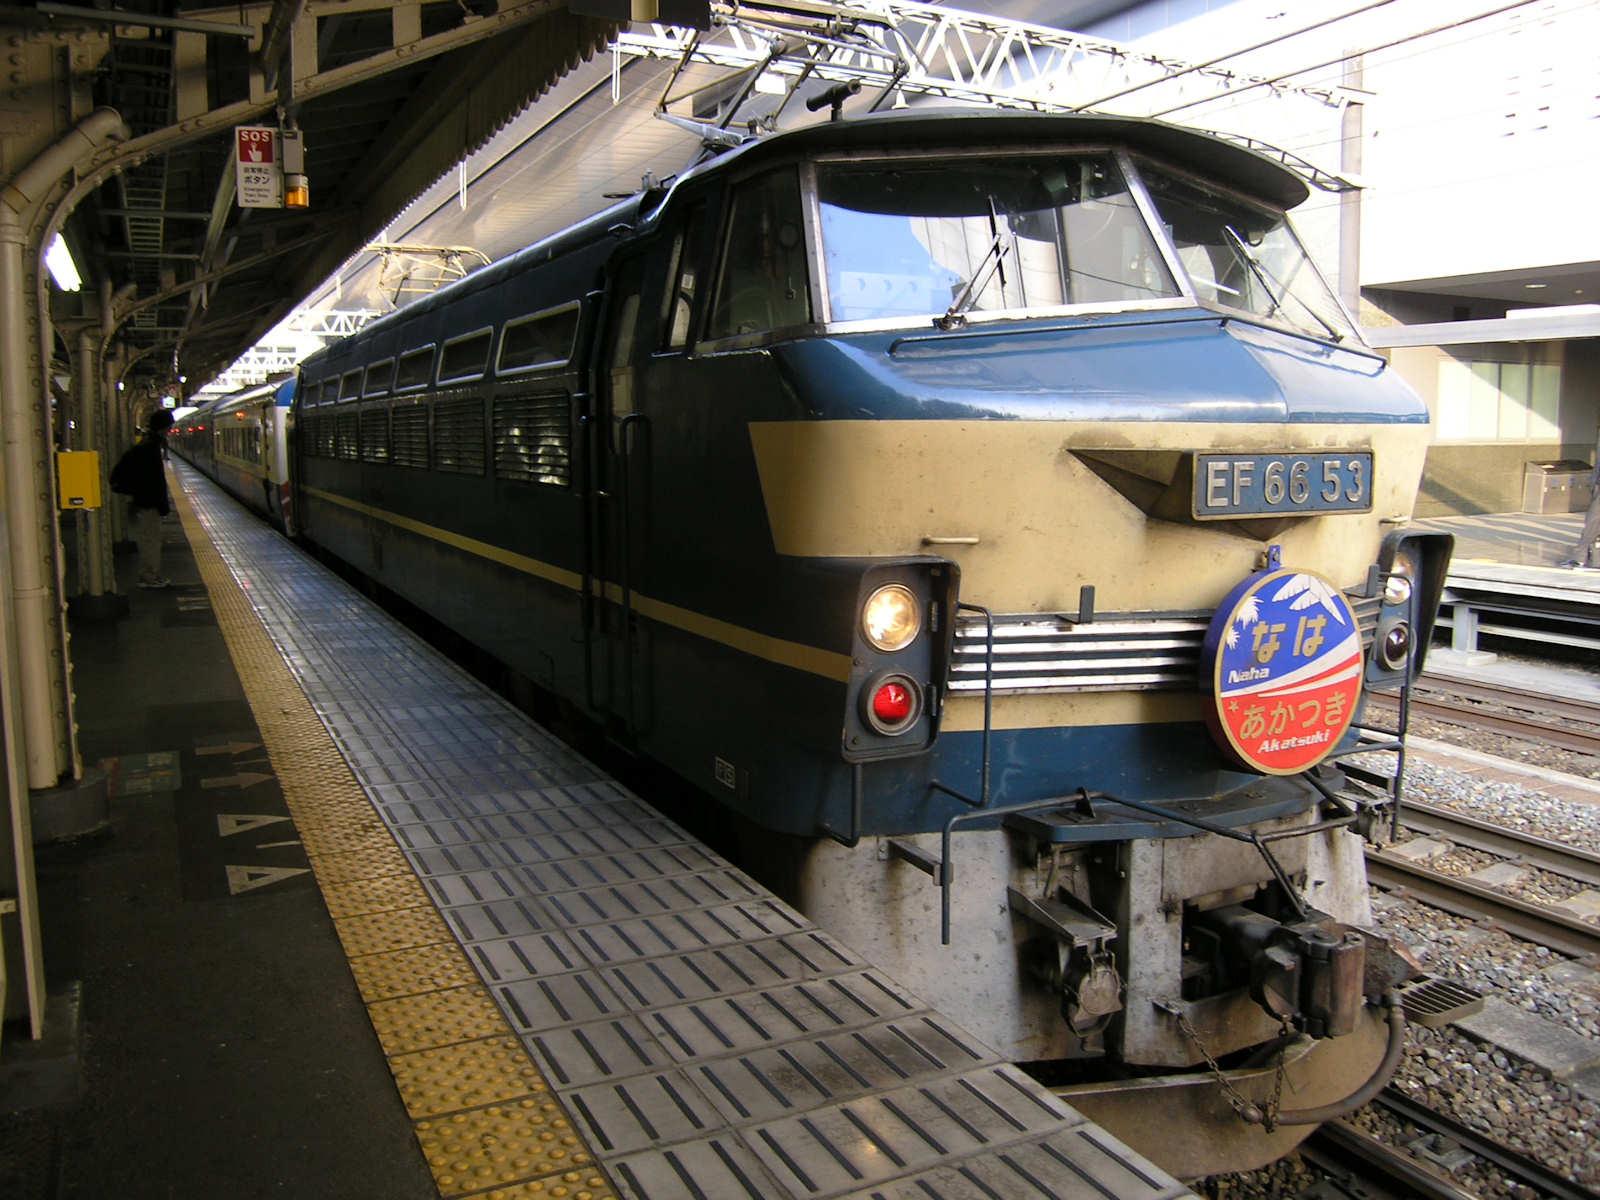 寝台特急なは・あかつき号が京都に到着(JPG-238k)